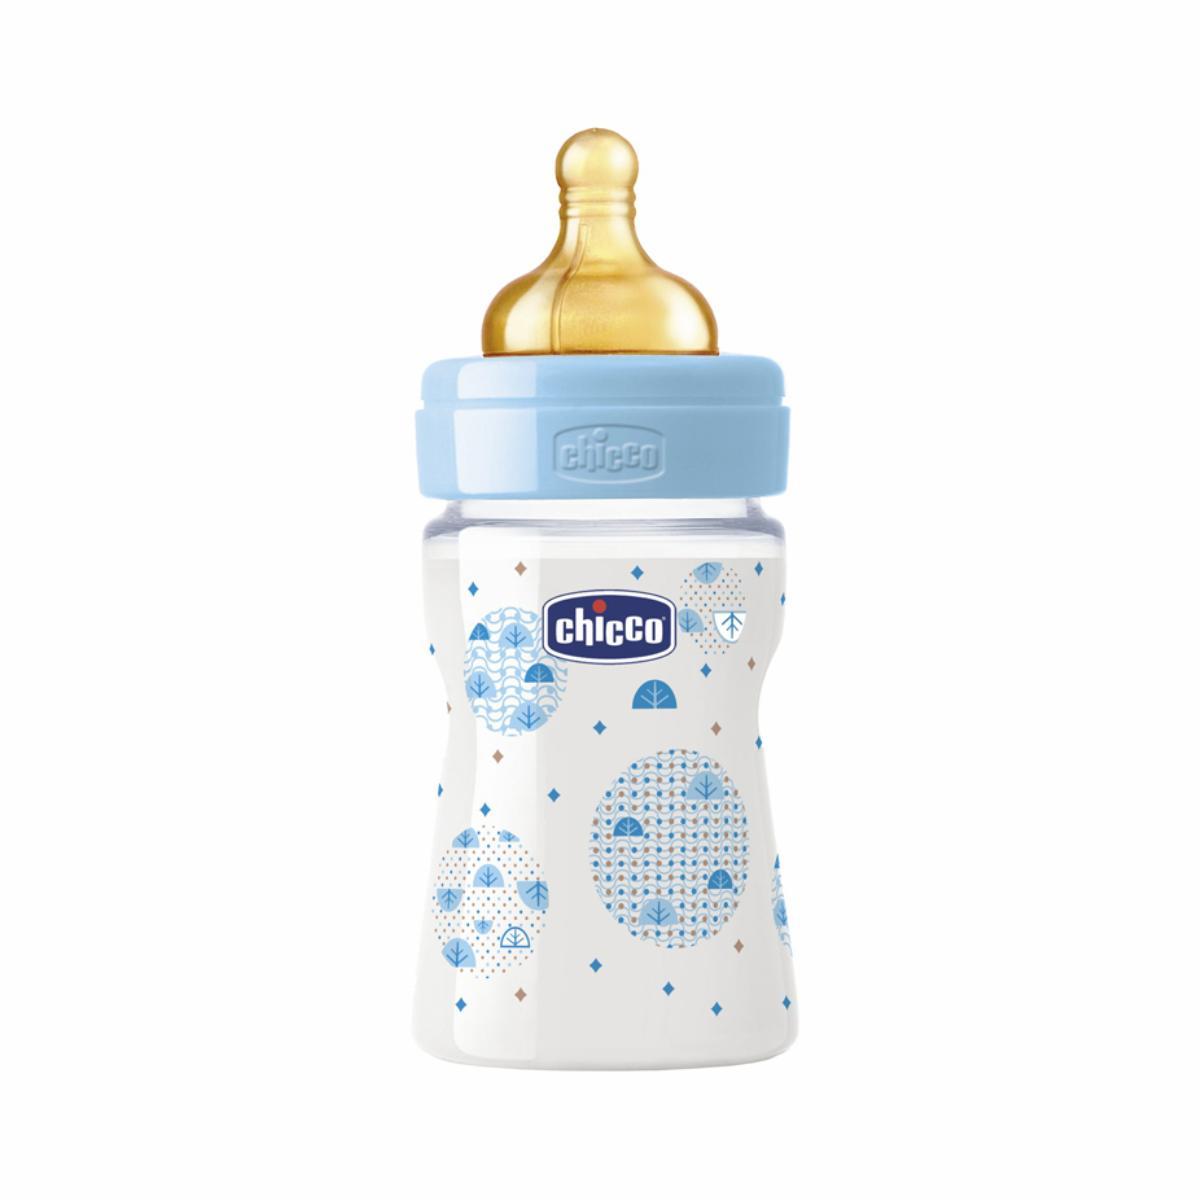 C mo elegir el mejor biber n para tu beb el blog del beb - El baul de tu bebe ...